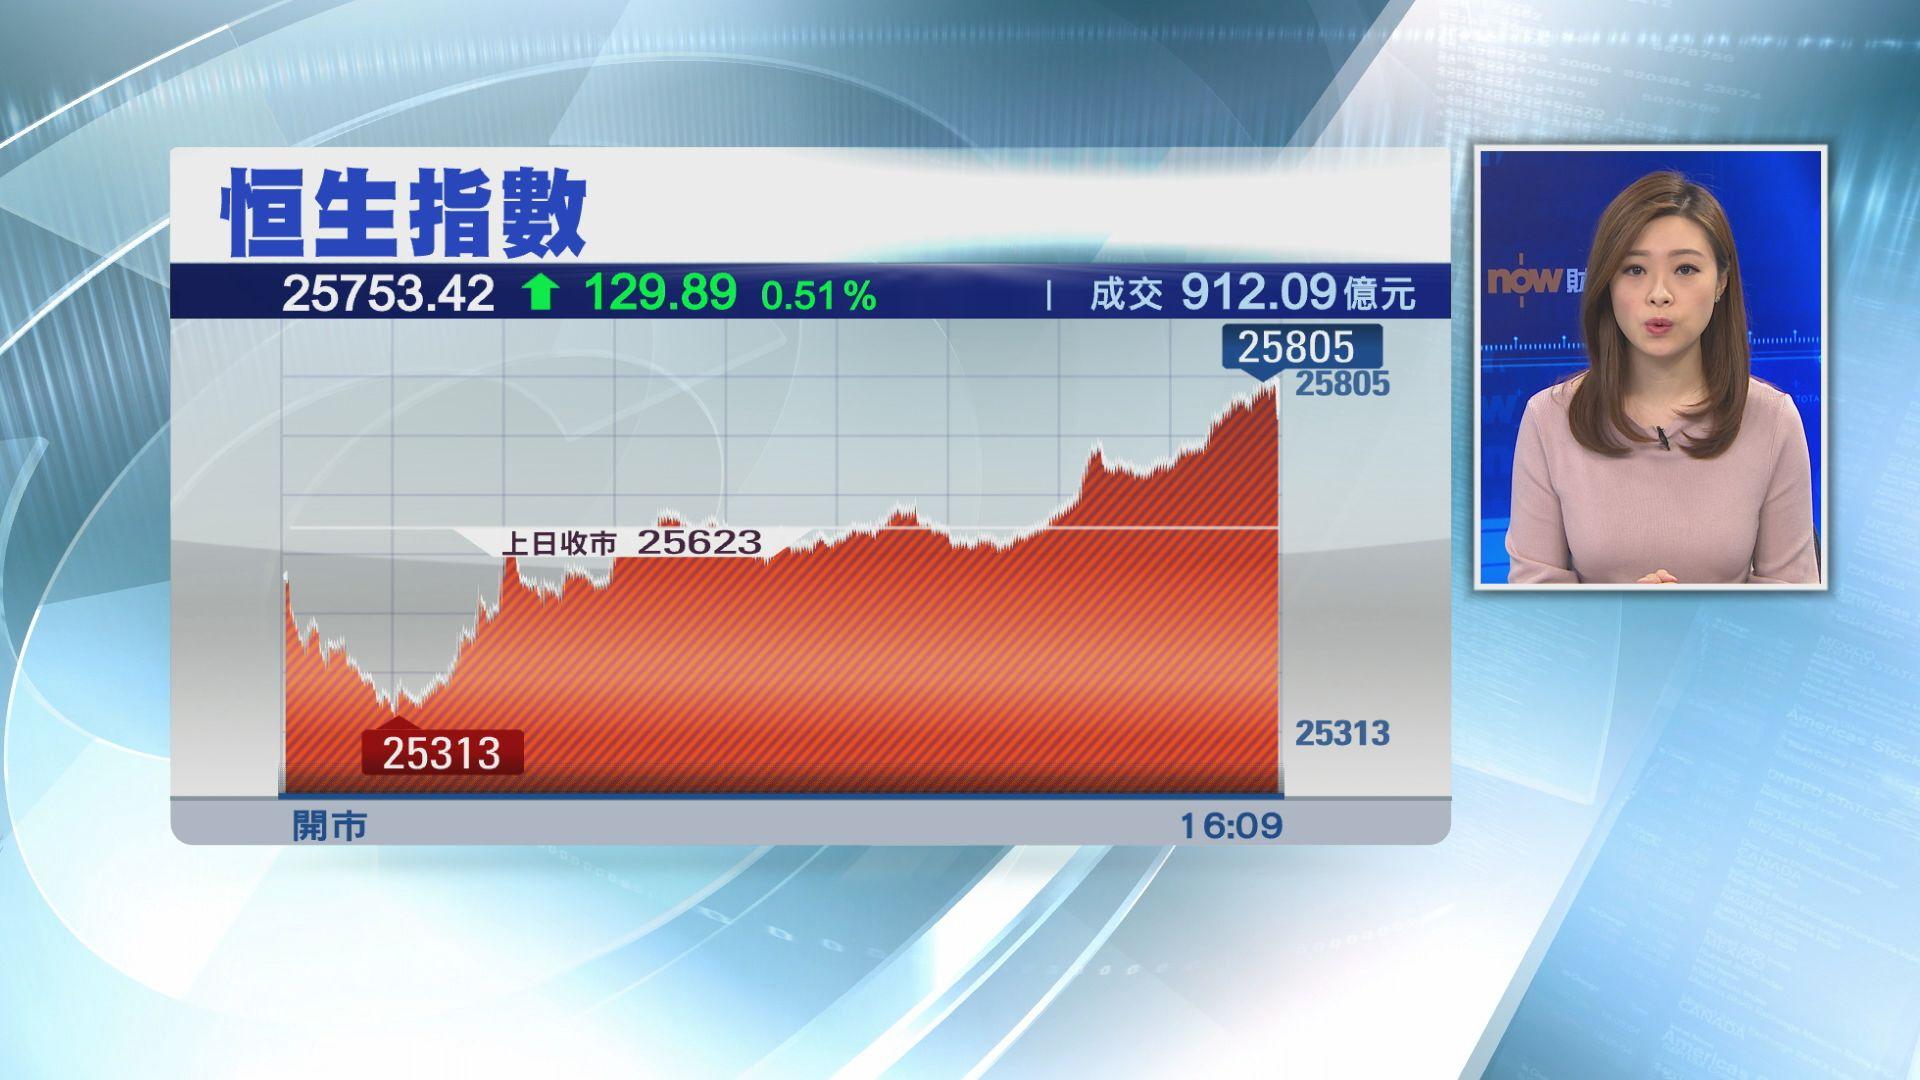 【股王歸位】騰訊曾升逾5% 帶住恒指彈